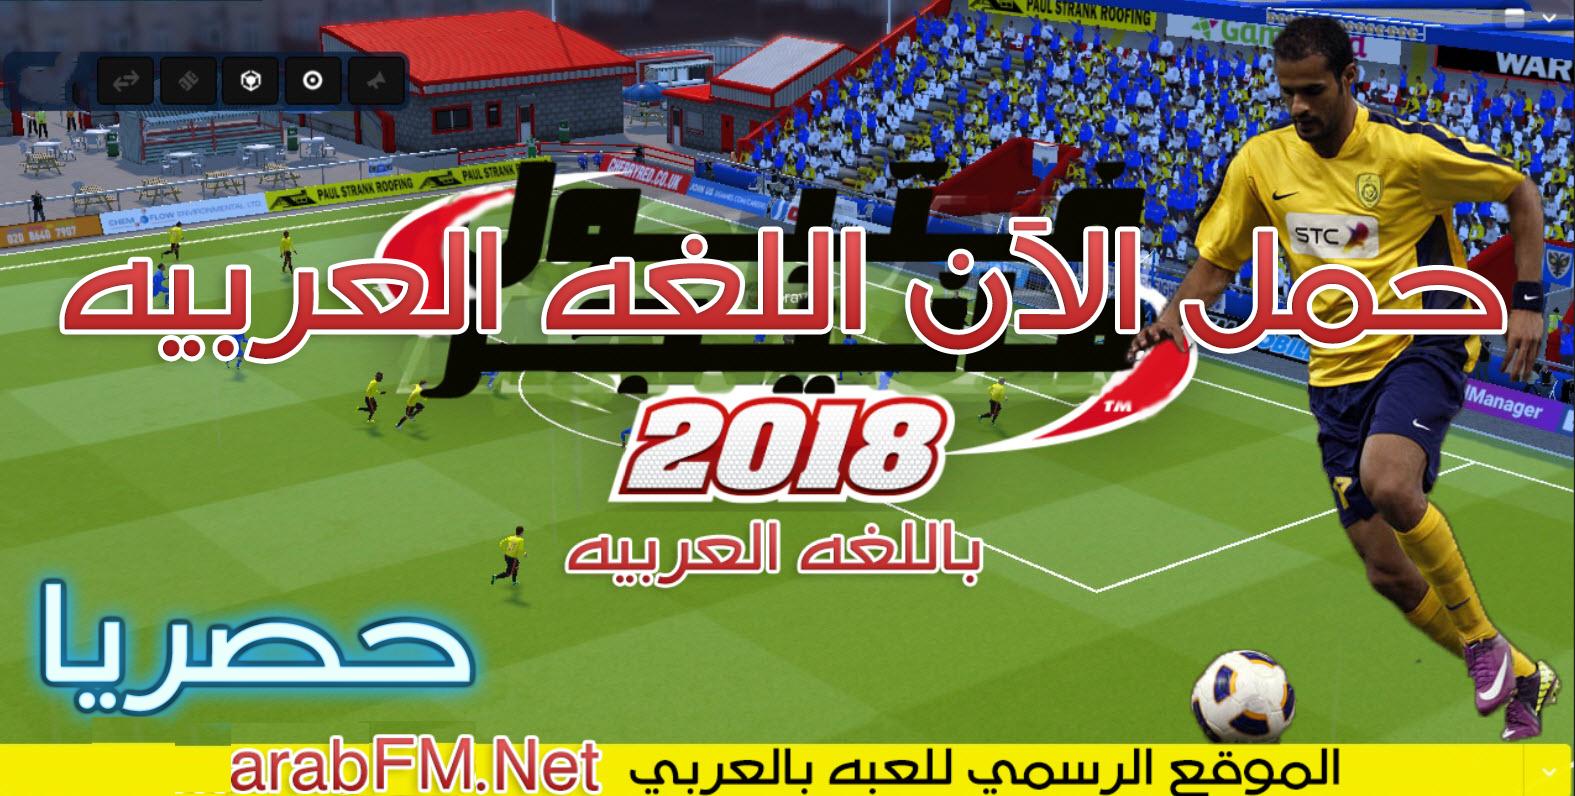 صورة برنامج اللغه العربيه فتبول مانيجر 2018 Football Manager